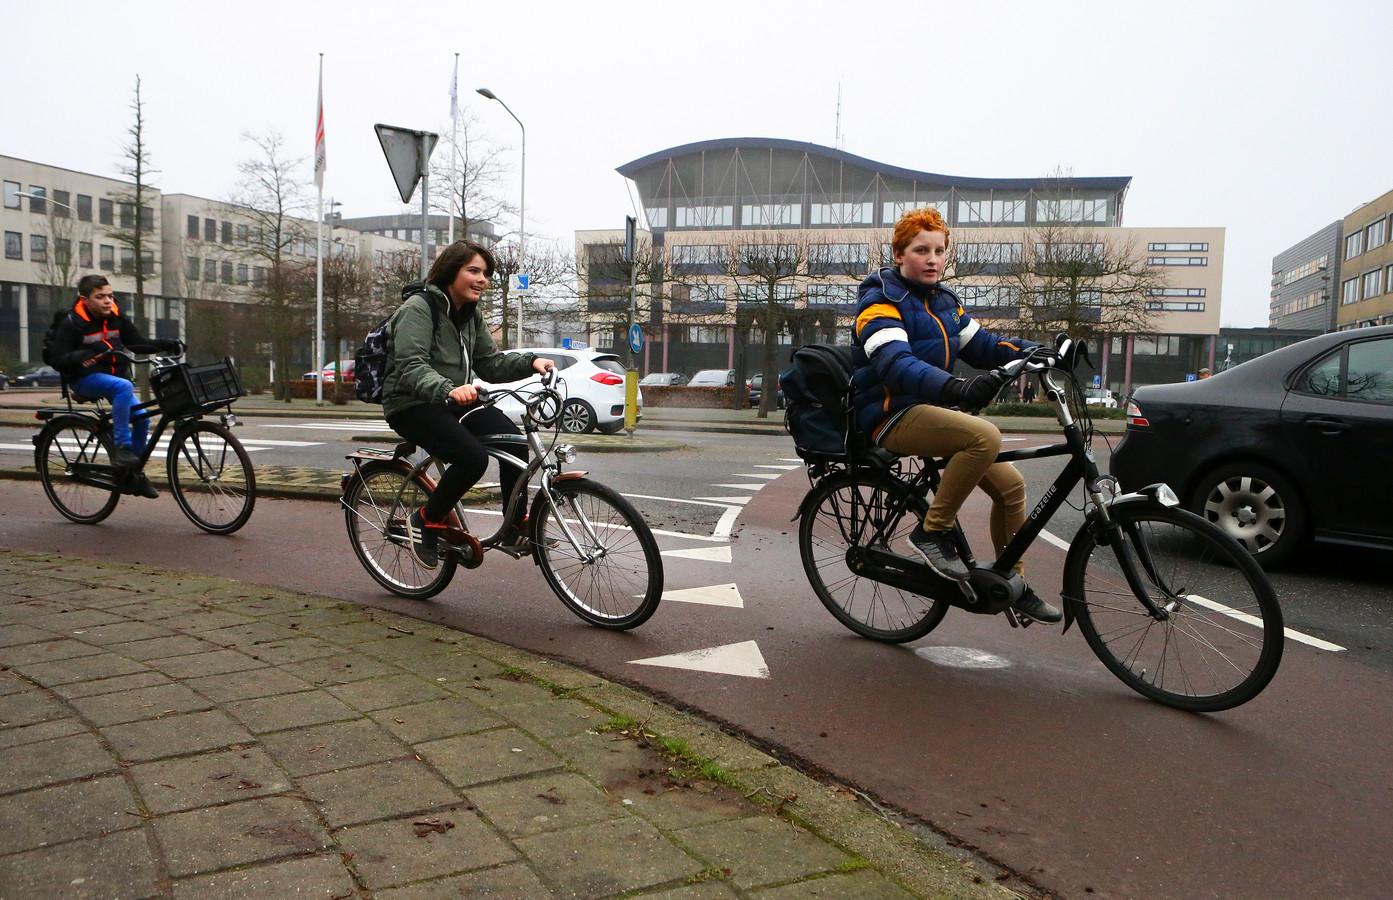 Fietsers op de rotonde voor het stadhuis. Ook hier delen ze de weg met auto's.